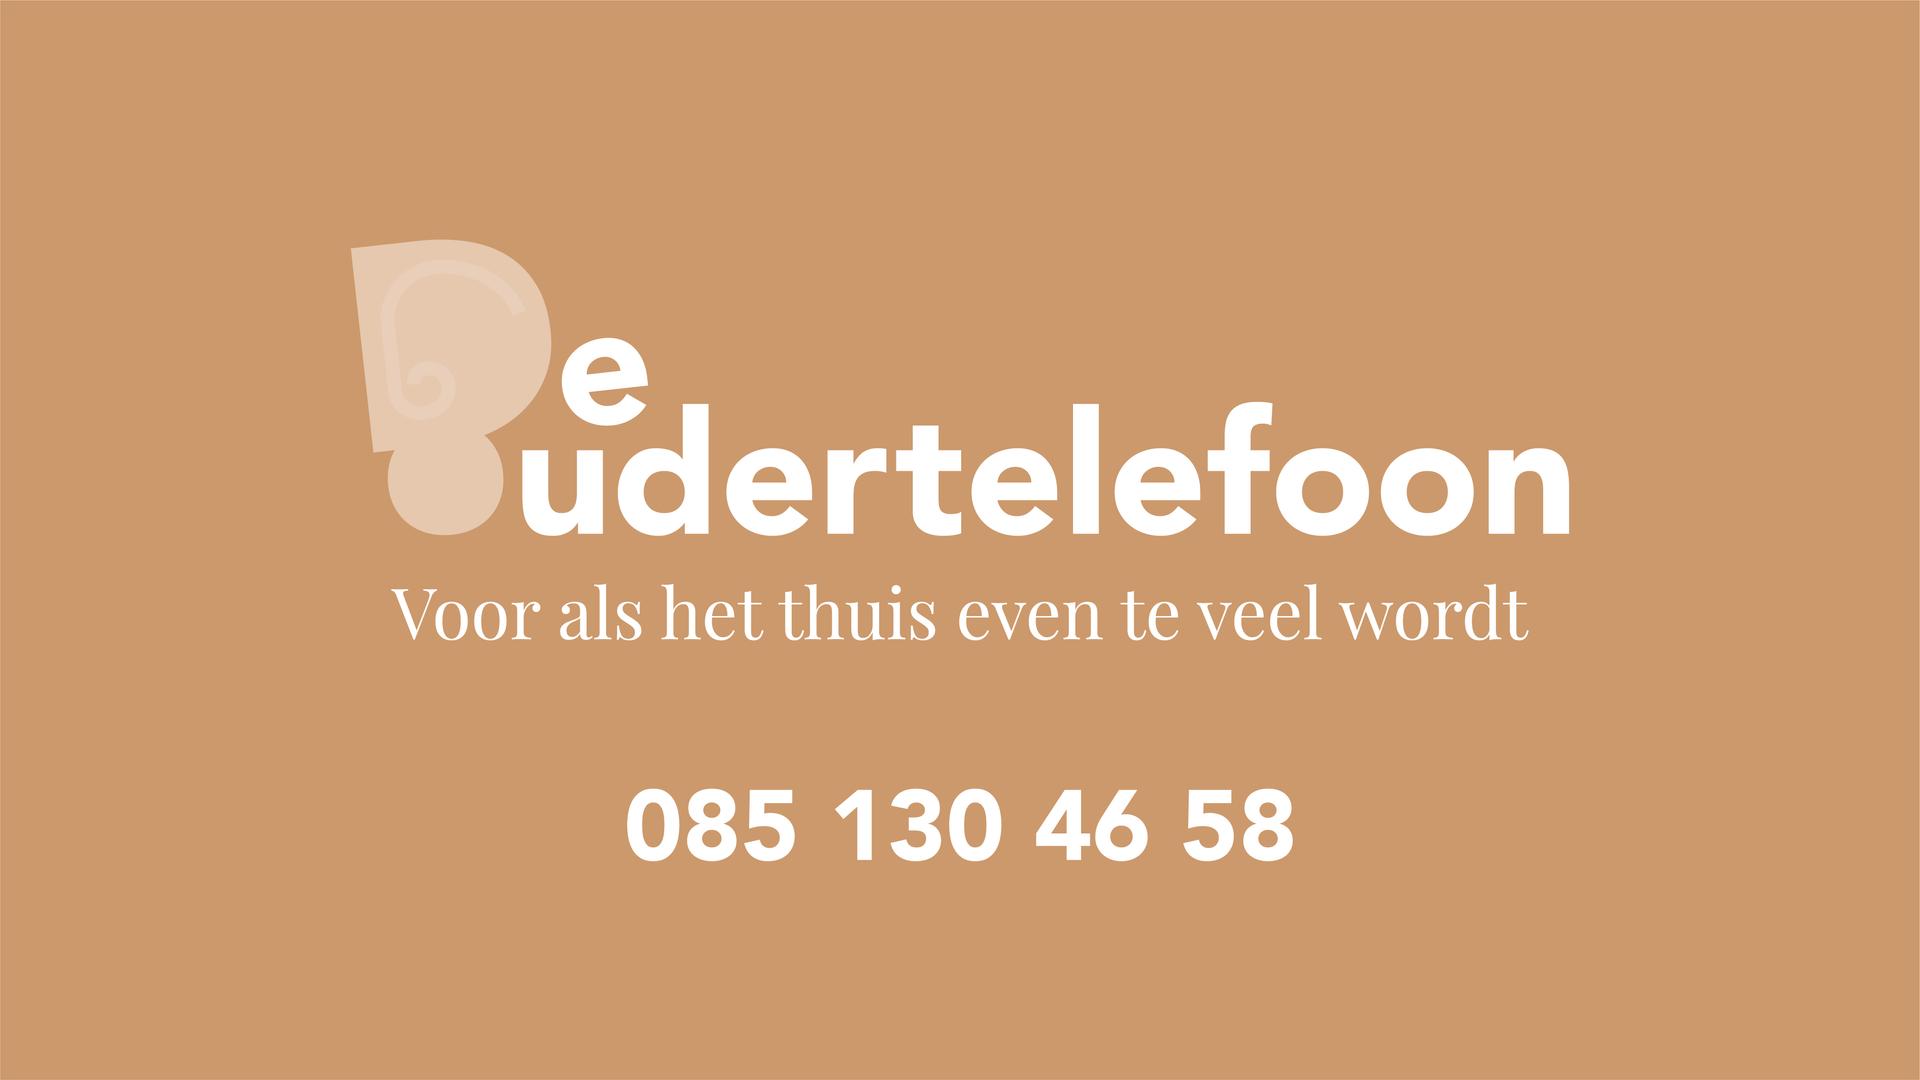 DeOudertelefoon_Logo_01.png